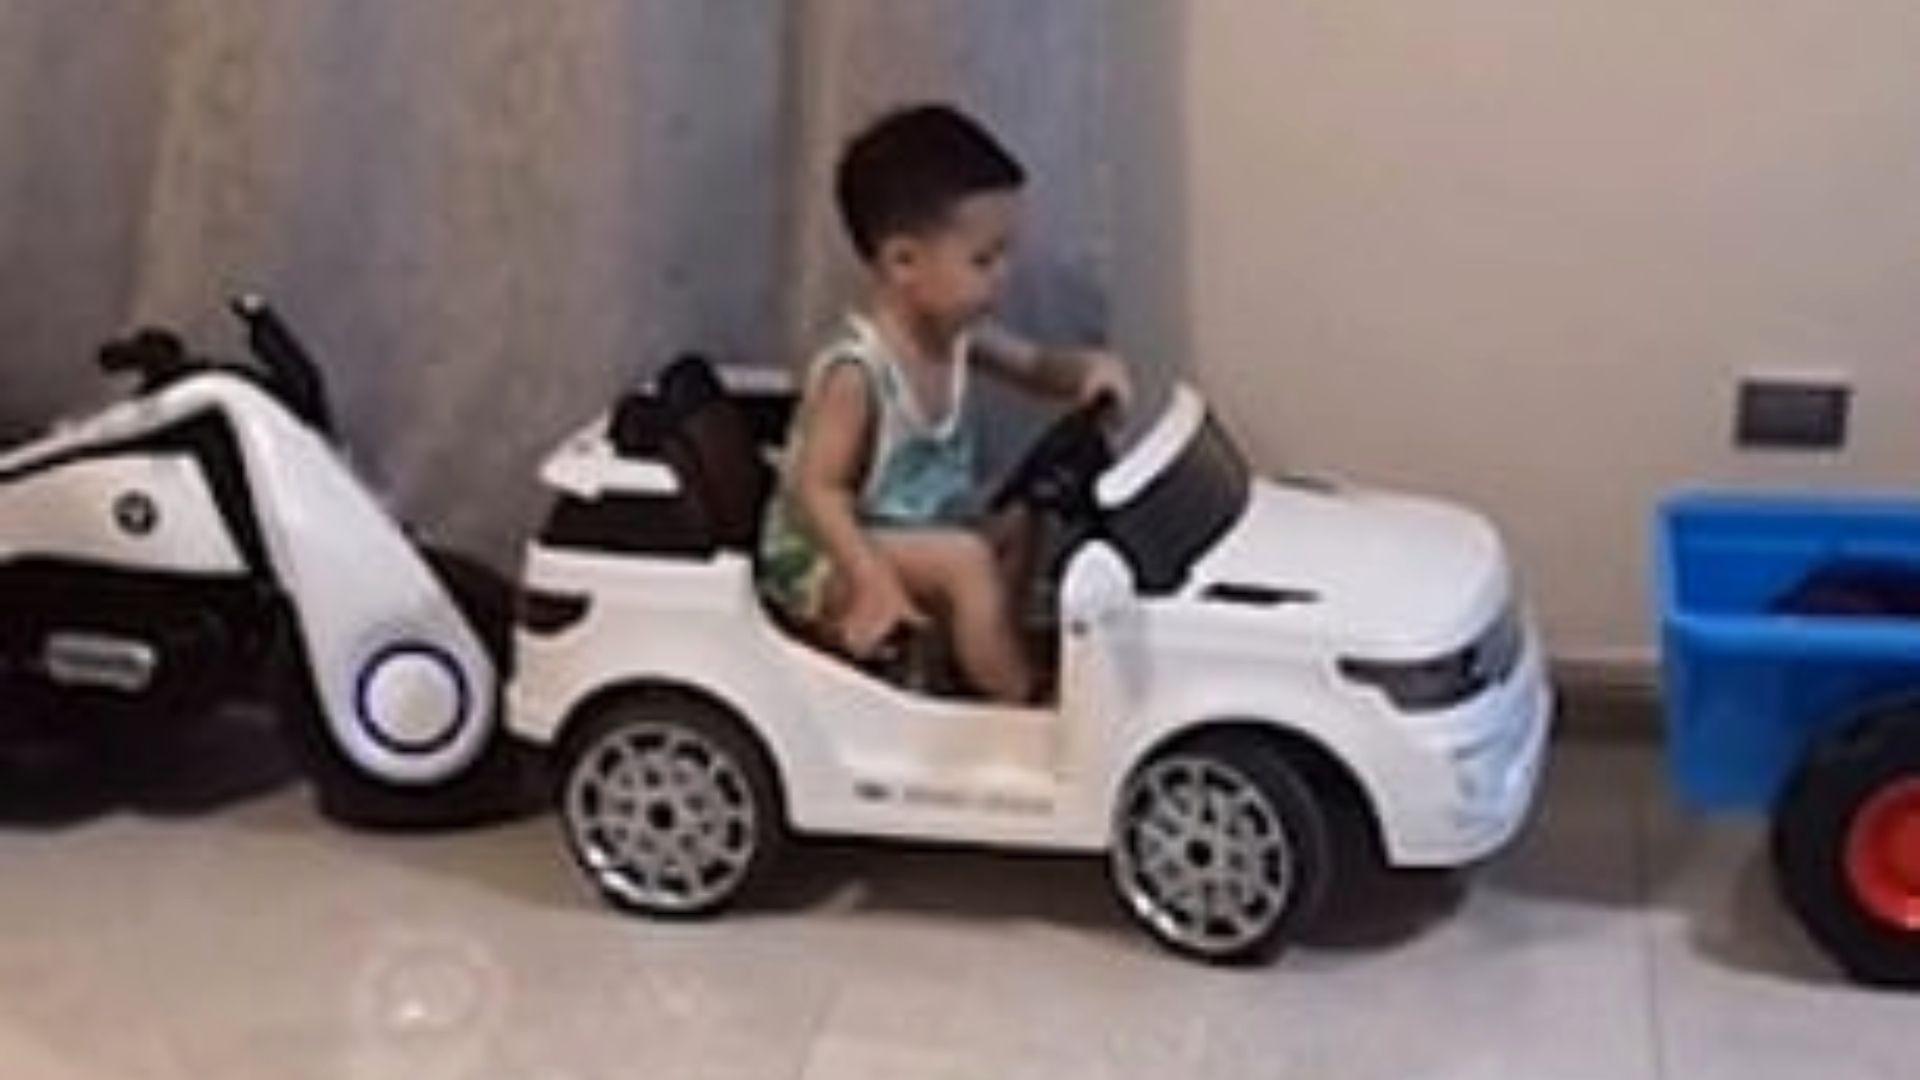 Fue la sensación debido a la precisión con la que acomodó el auto eléctrico (Foto: Captura de pantalla de YouTube)